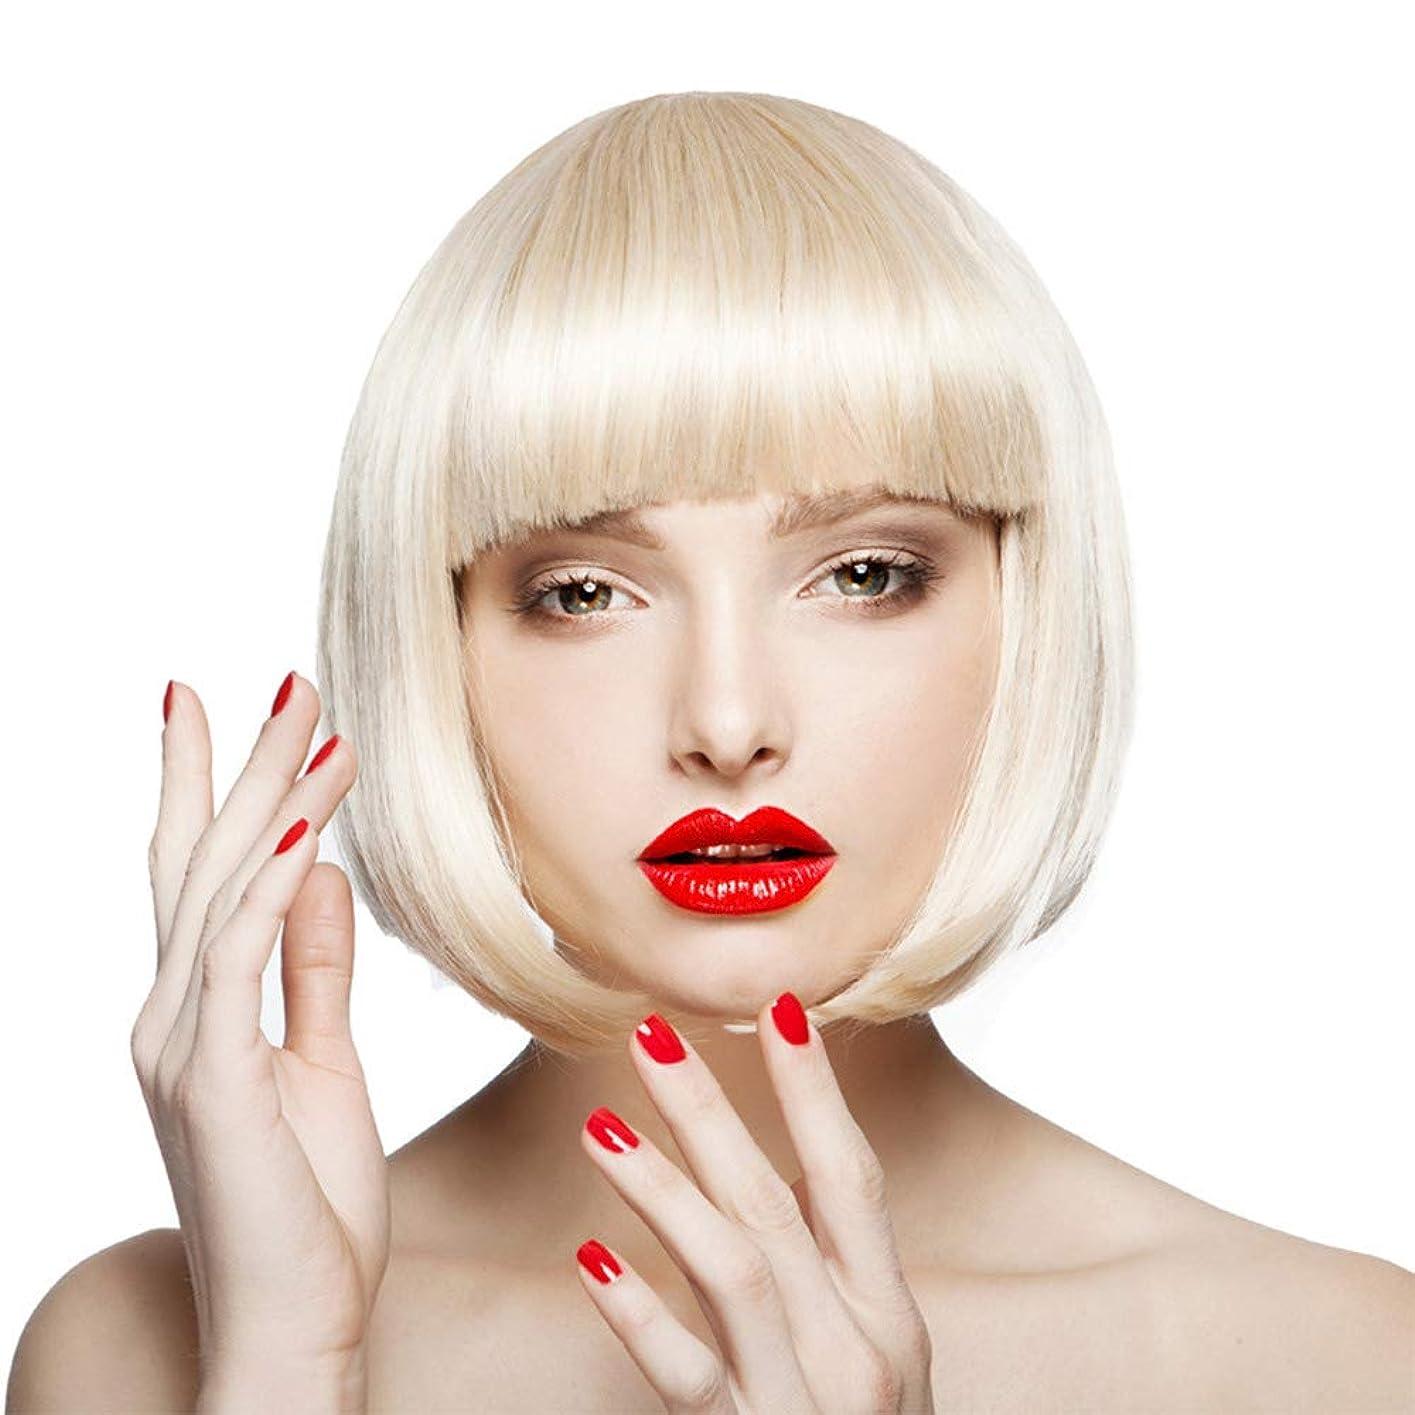 汚れた構築するヨーロッパ女性かつら180%密度耐熱合成短い絹のようなパーティーヘアウィッグライトゴールド26 cm